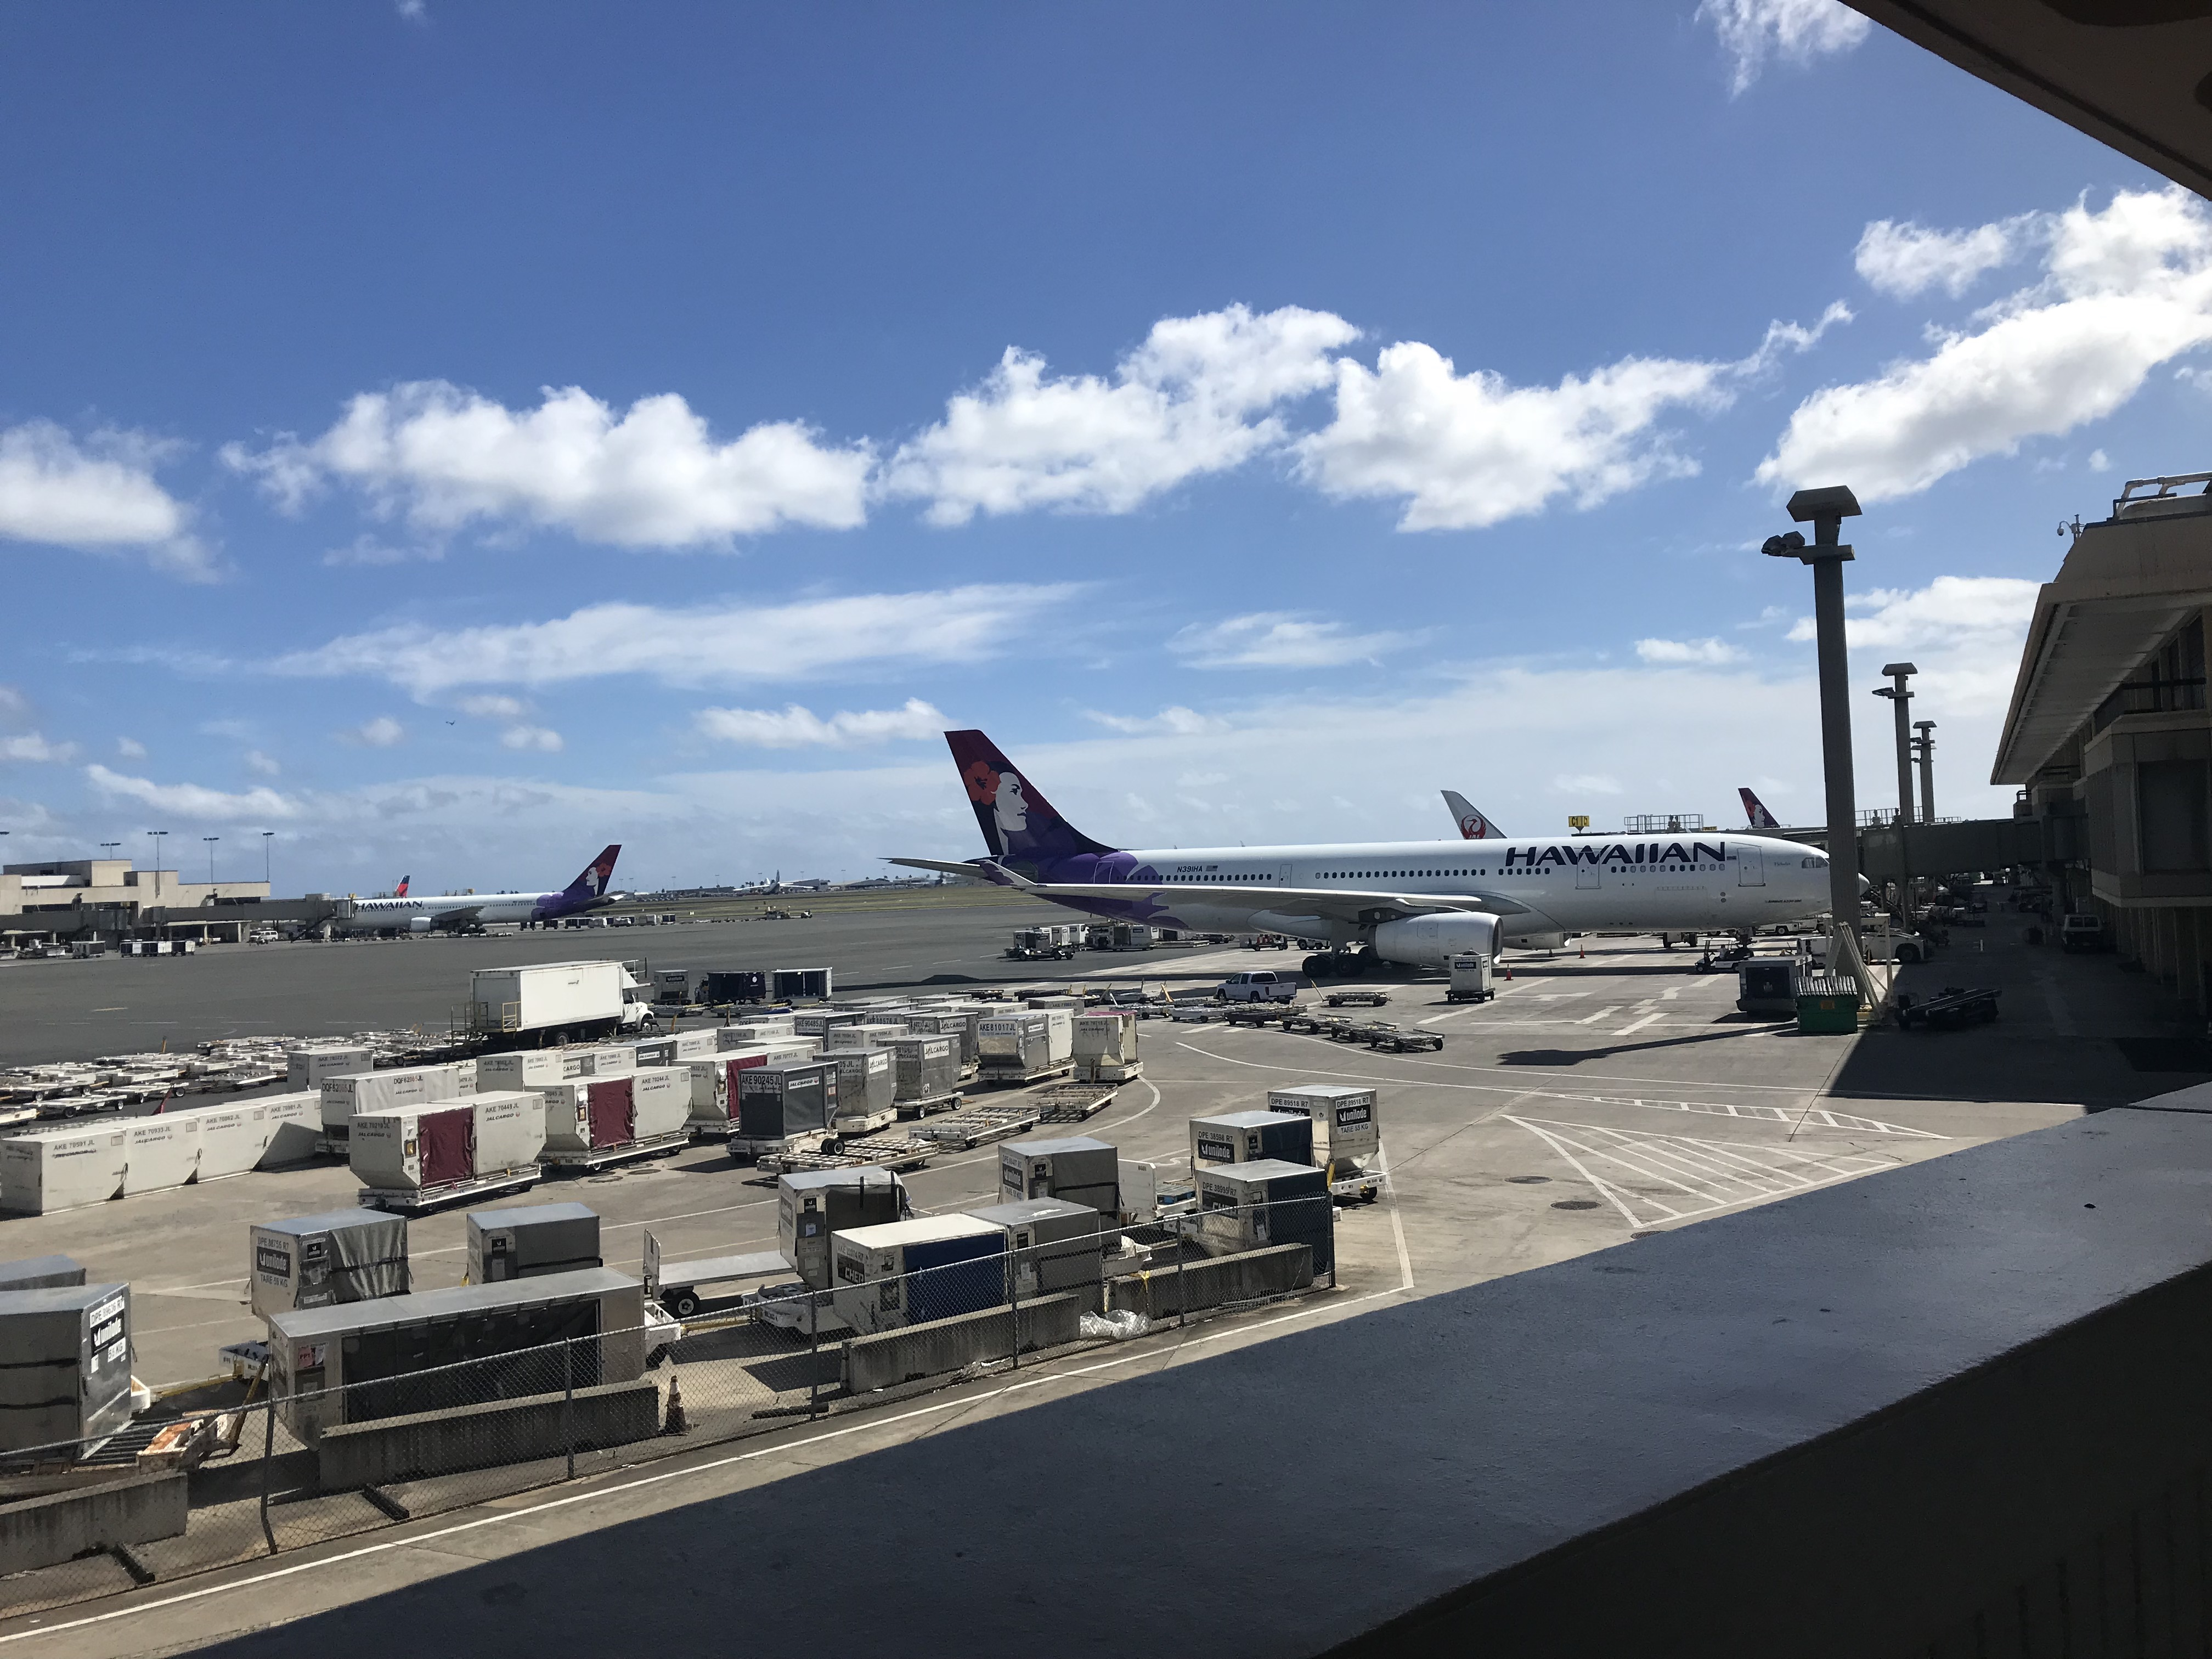 【ハワイ】0歳赤ちゃん連れハワイ旅行へ♡ハワイアン航空搭乗レポ